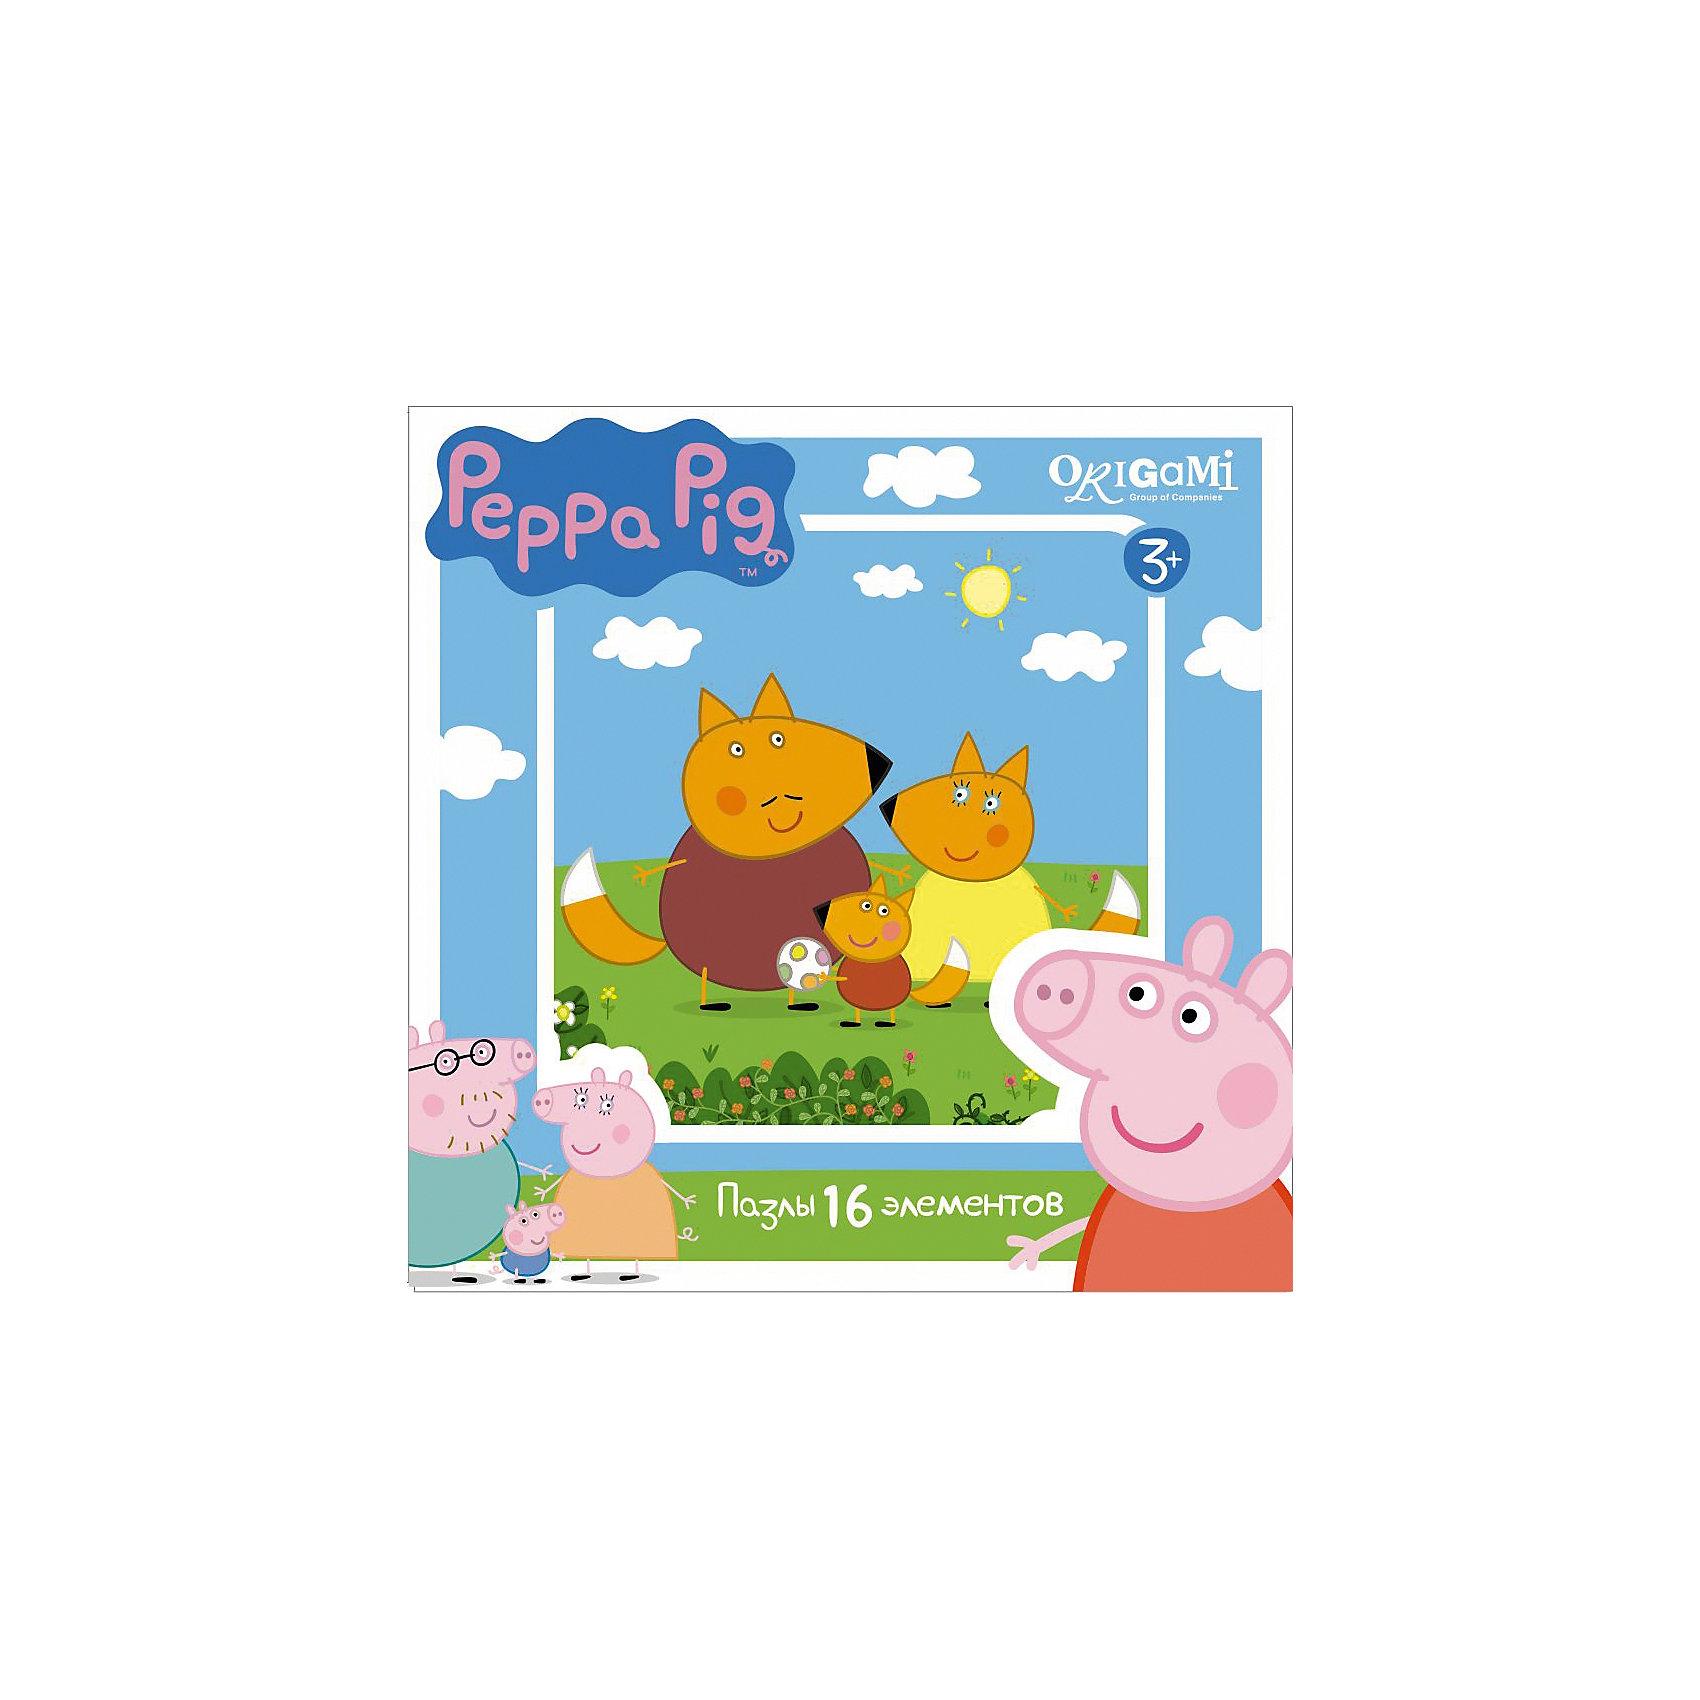 Пазл Свинка Пеппа, 16 деталей, OrigamiСвинка Пеппа<br>Пазл Свинка Пеппа, Origami - увлекательный набор для творчества, который заинтересует Вашего малыша и подарит ему отличное настроение. Из деталей пазла он сможет собрать красочную картинку с изображением лисенка Фредди и его семьи из популярного мультсериала<br>Свинка Пеппа (Peppa Pig). Пазл отличается высоким качеством полиграфии и насыщенными цветами. Благодаря ламинированному покрытию, картинка надолго сохраняет свой блеск и яркие цвета. Плотный картон не дает деталям мяться и обеспечивает надежное соединение. Собирание пазла способствует развитию логического и пространственного мышления, внимания, мелкой моторики и координации движений.<br><br>Дополнительная информация:<br><br>- Материал: картон. <br>- Количество деталей: 16.<br>- Размер собранной картинки: 21 х 21 см.<br>- Размер упаковки: 15 х 15 х 4 см.<br>- Вес: 130 гр.<br> <br>Пазл Свинка Пеппа, 16 деталей, Origami, можно купить в нашем интернет-магазине.<br><br>Ширина мм: 150<br>Глубина мм: 45<br>Высота мм: 150<br>Вес г: 130<br>Возраст от месяцев: 36<br>Возраст до месяцев: 96<br>Пол: Унисекс<br>Возраст: Детский<br>SKU: 4614927